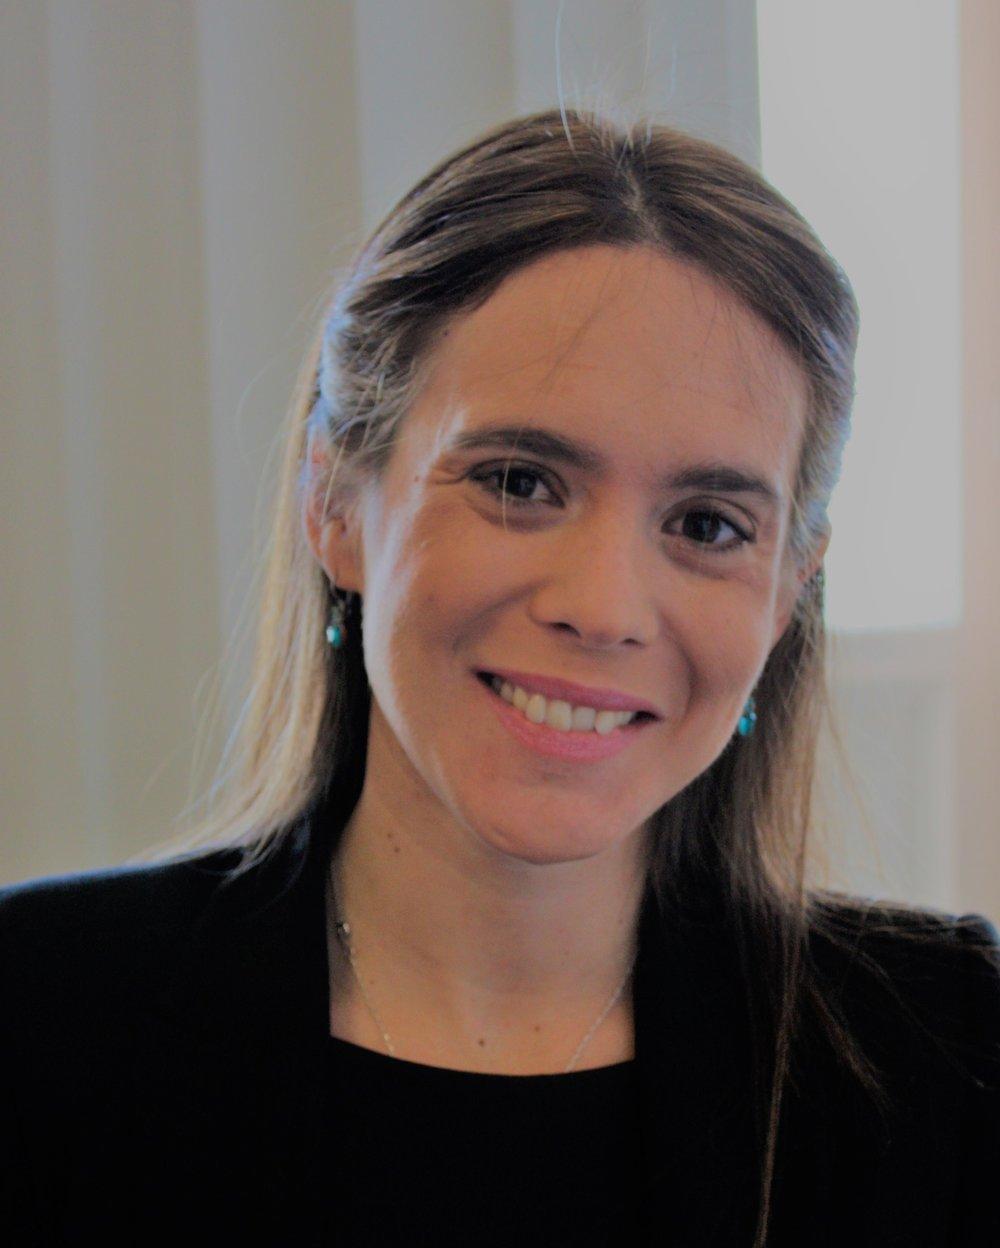 Florencia Sortheix